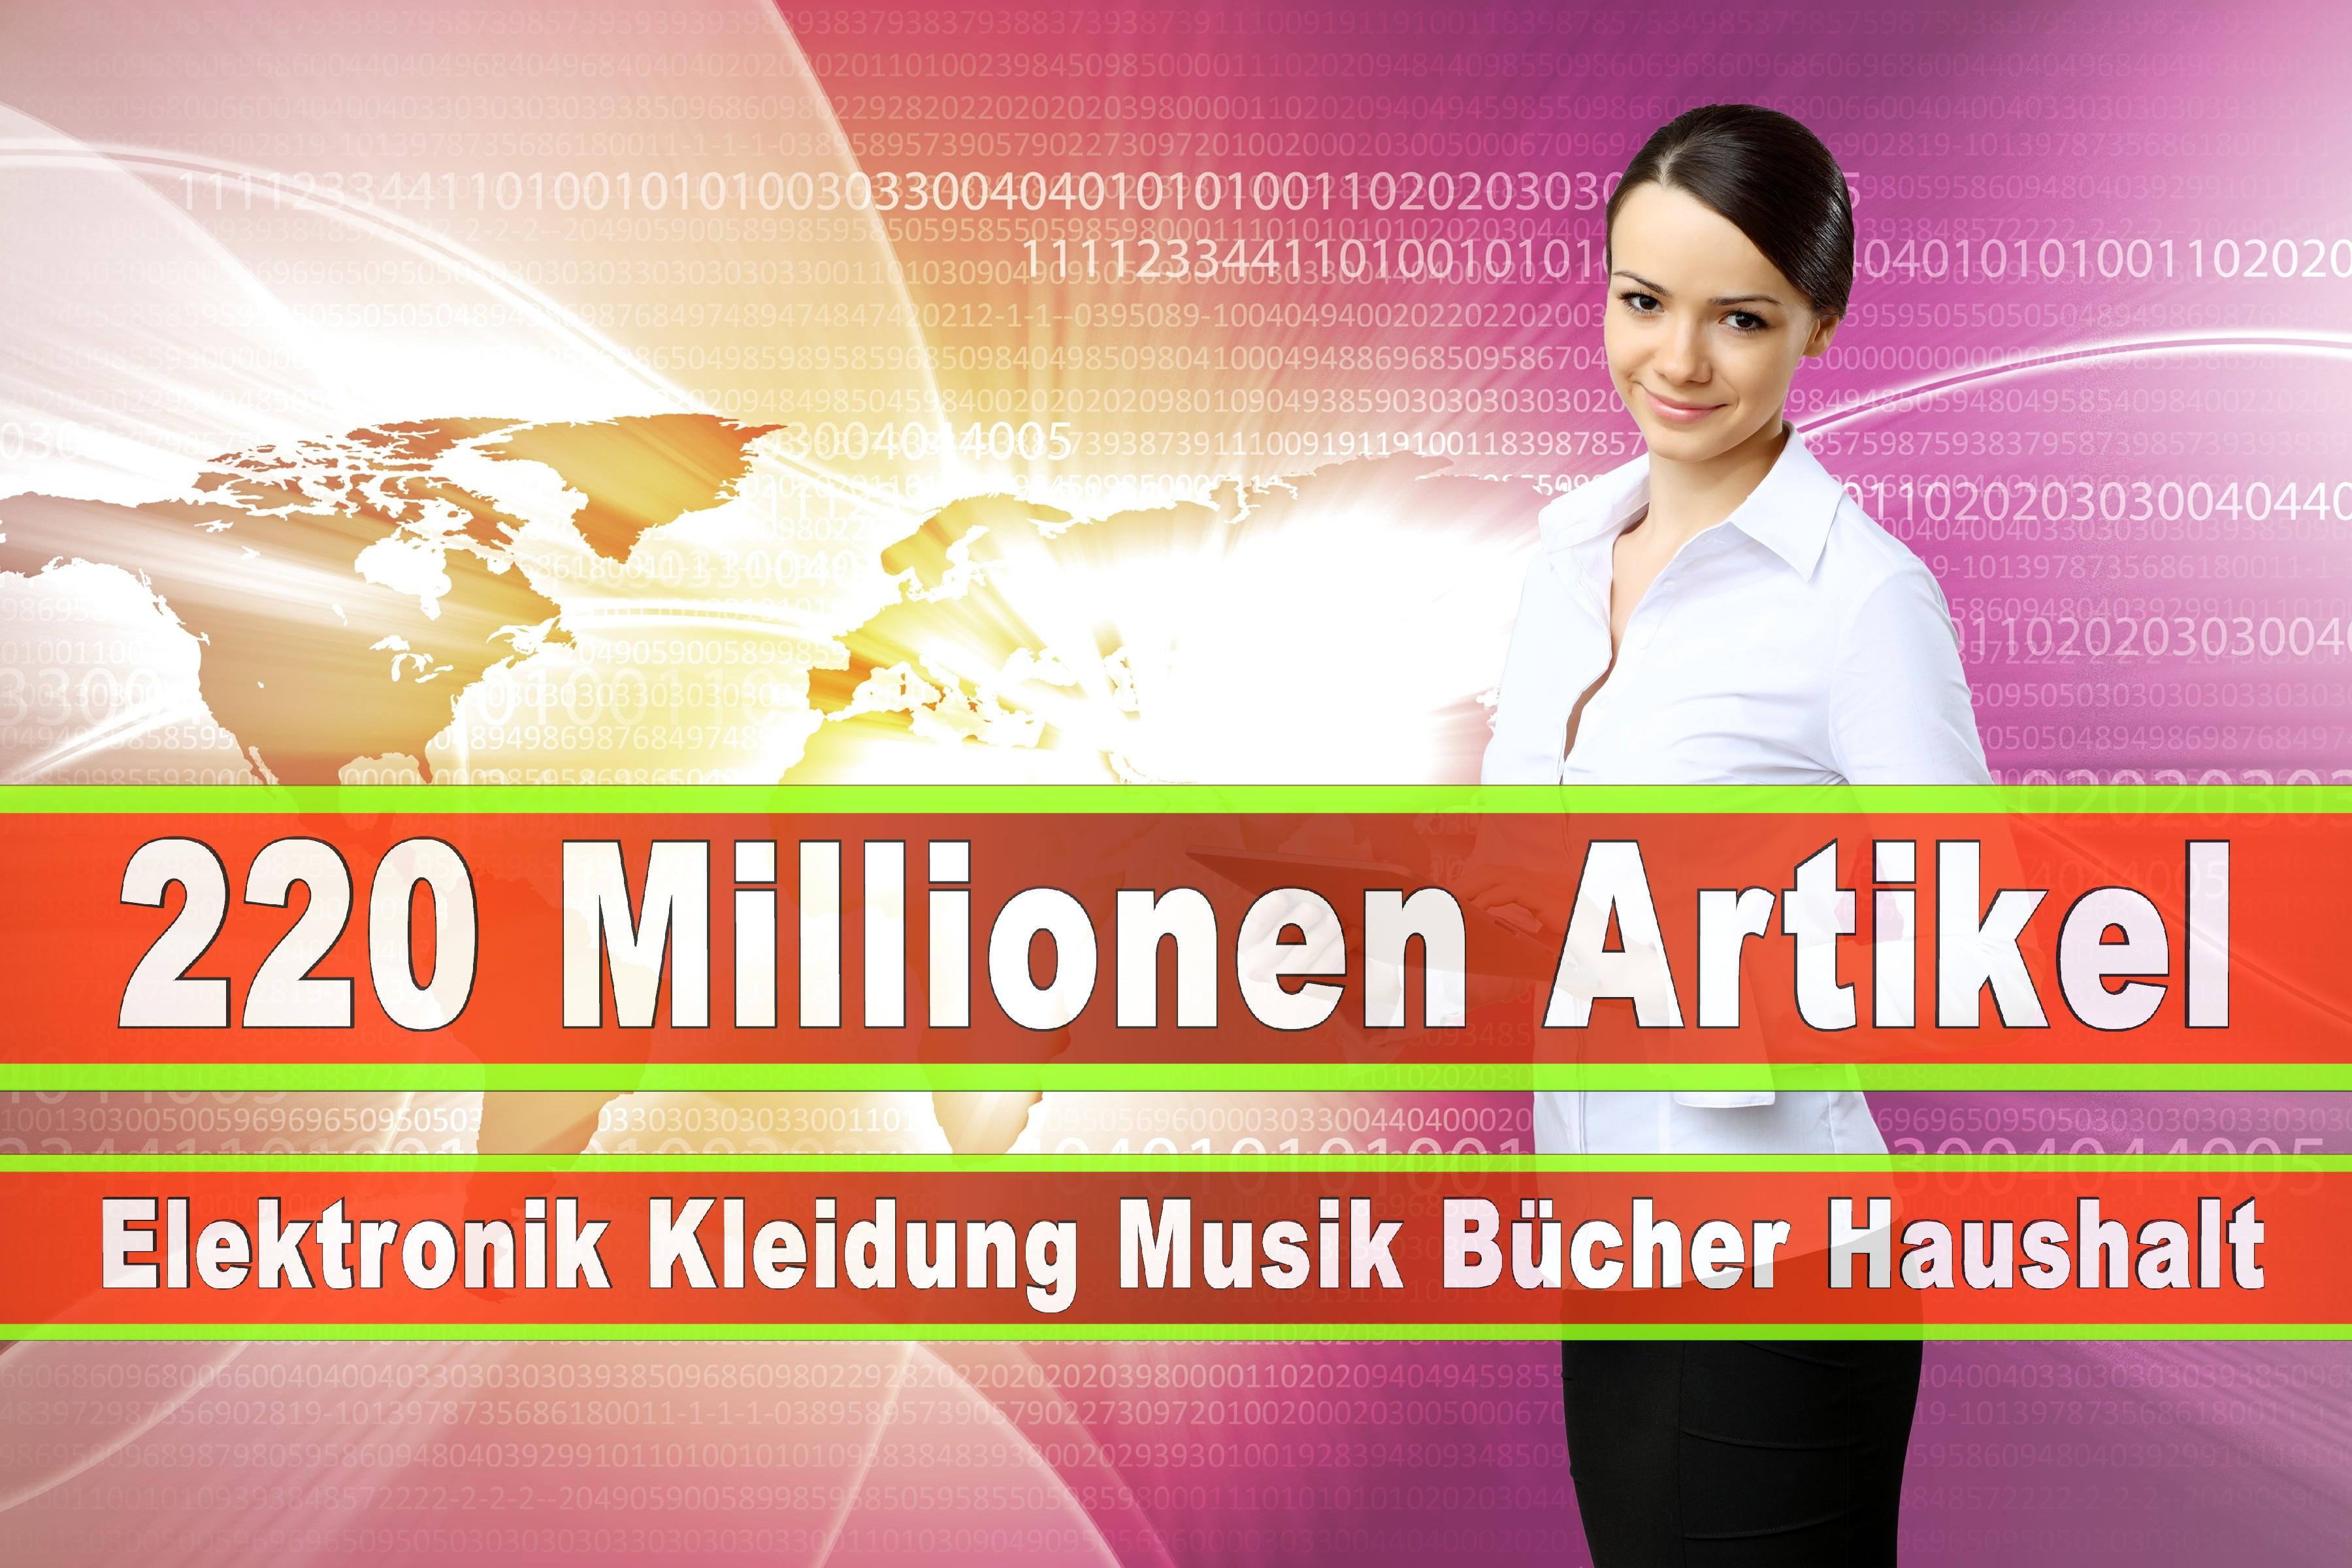 Amazon Elektronik Musik Haushalt Bücher CD DVD Handys Smartphones TV Television Fernseher Kleidung Mode Ebay Versandhaus (83)